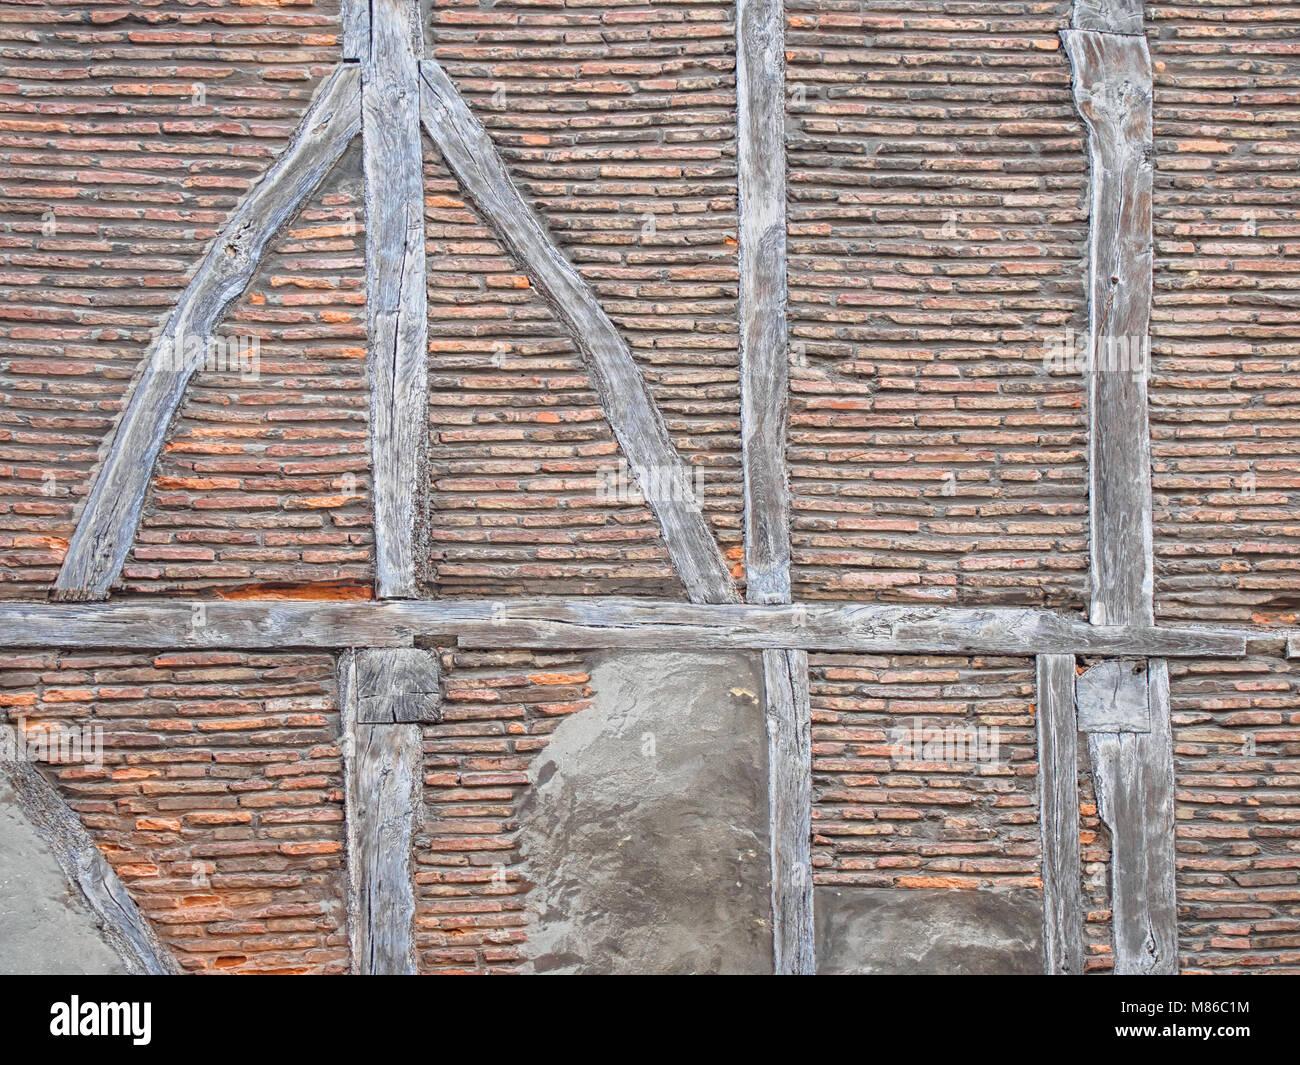 Alte Fachwerkbalken (Post-und-beam) Mauer Hintergrund Stockfoto ...